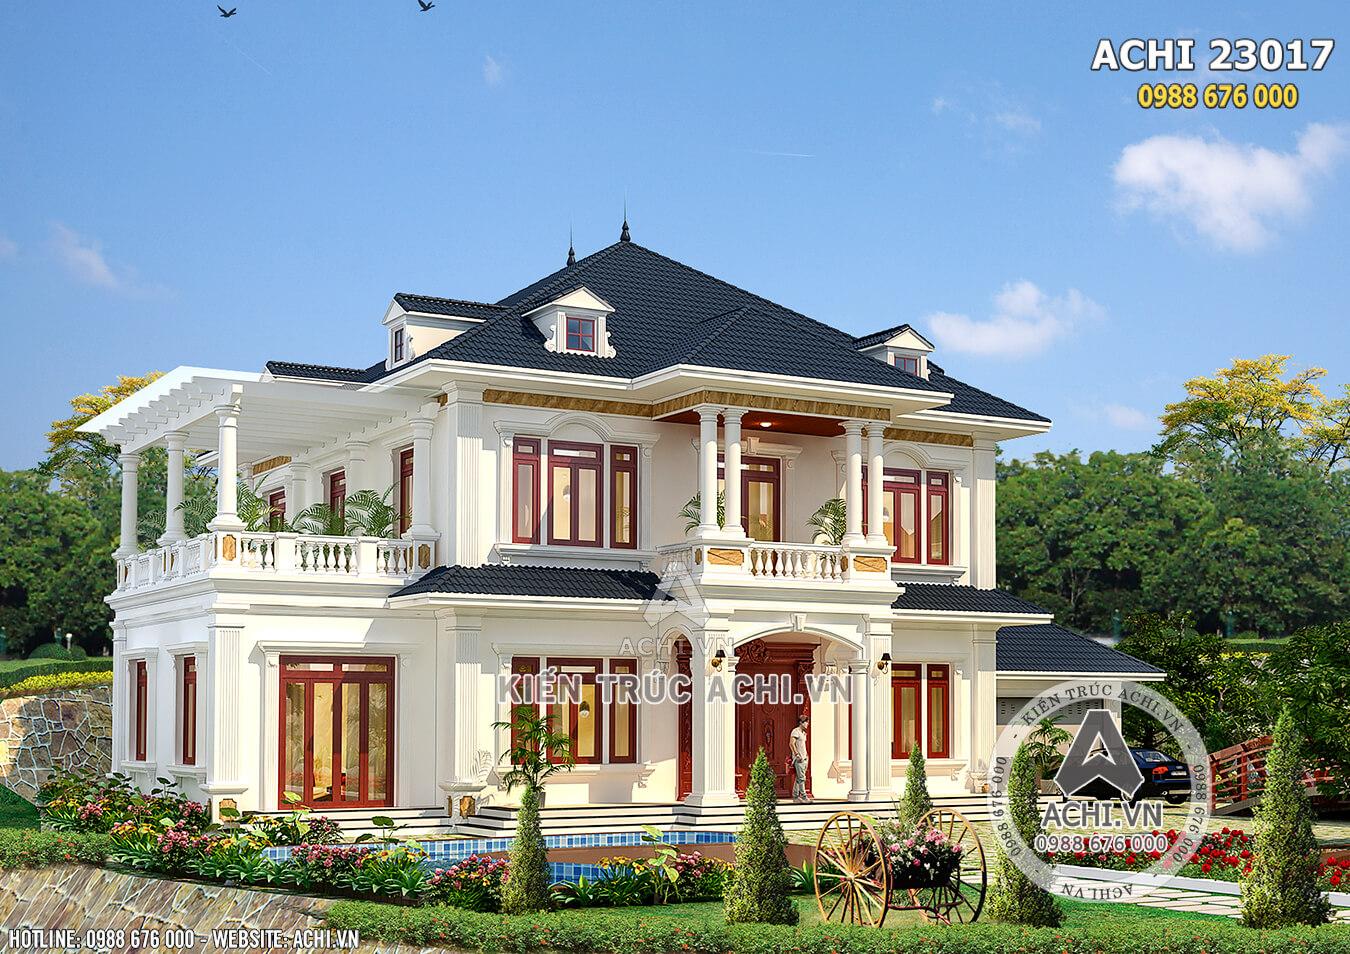 Mẫu biệt thự nhà vườn 2 tầng mái thái tân cổ điển đẹp tại Hà Giang - ACHI 23017